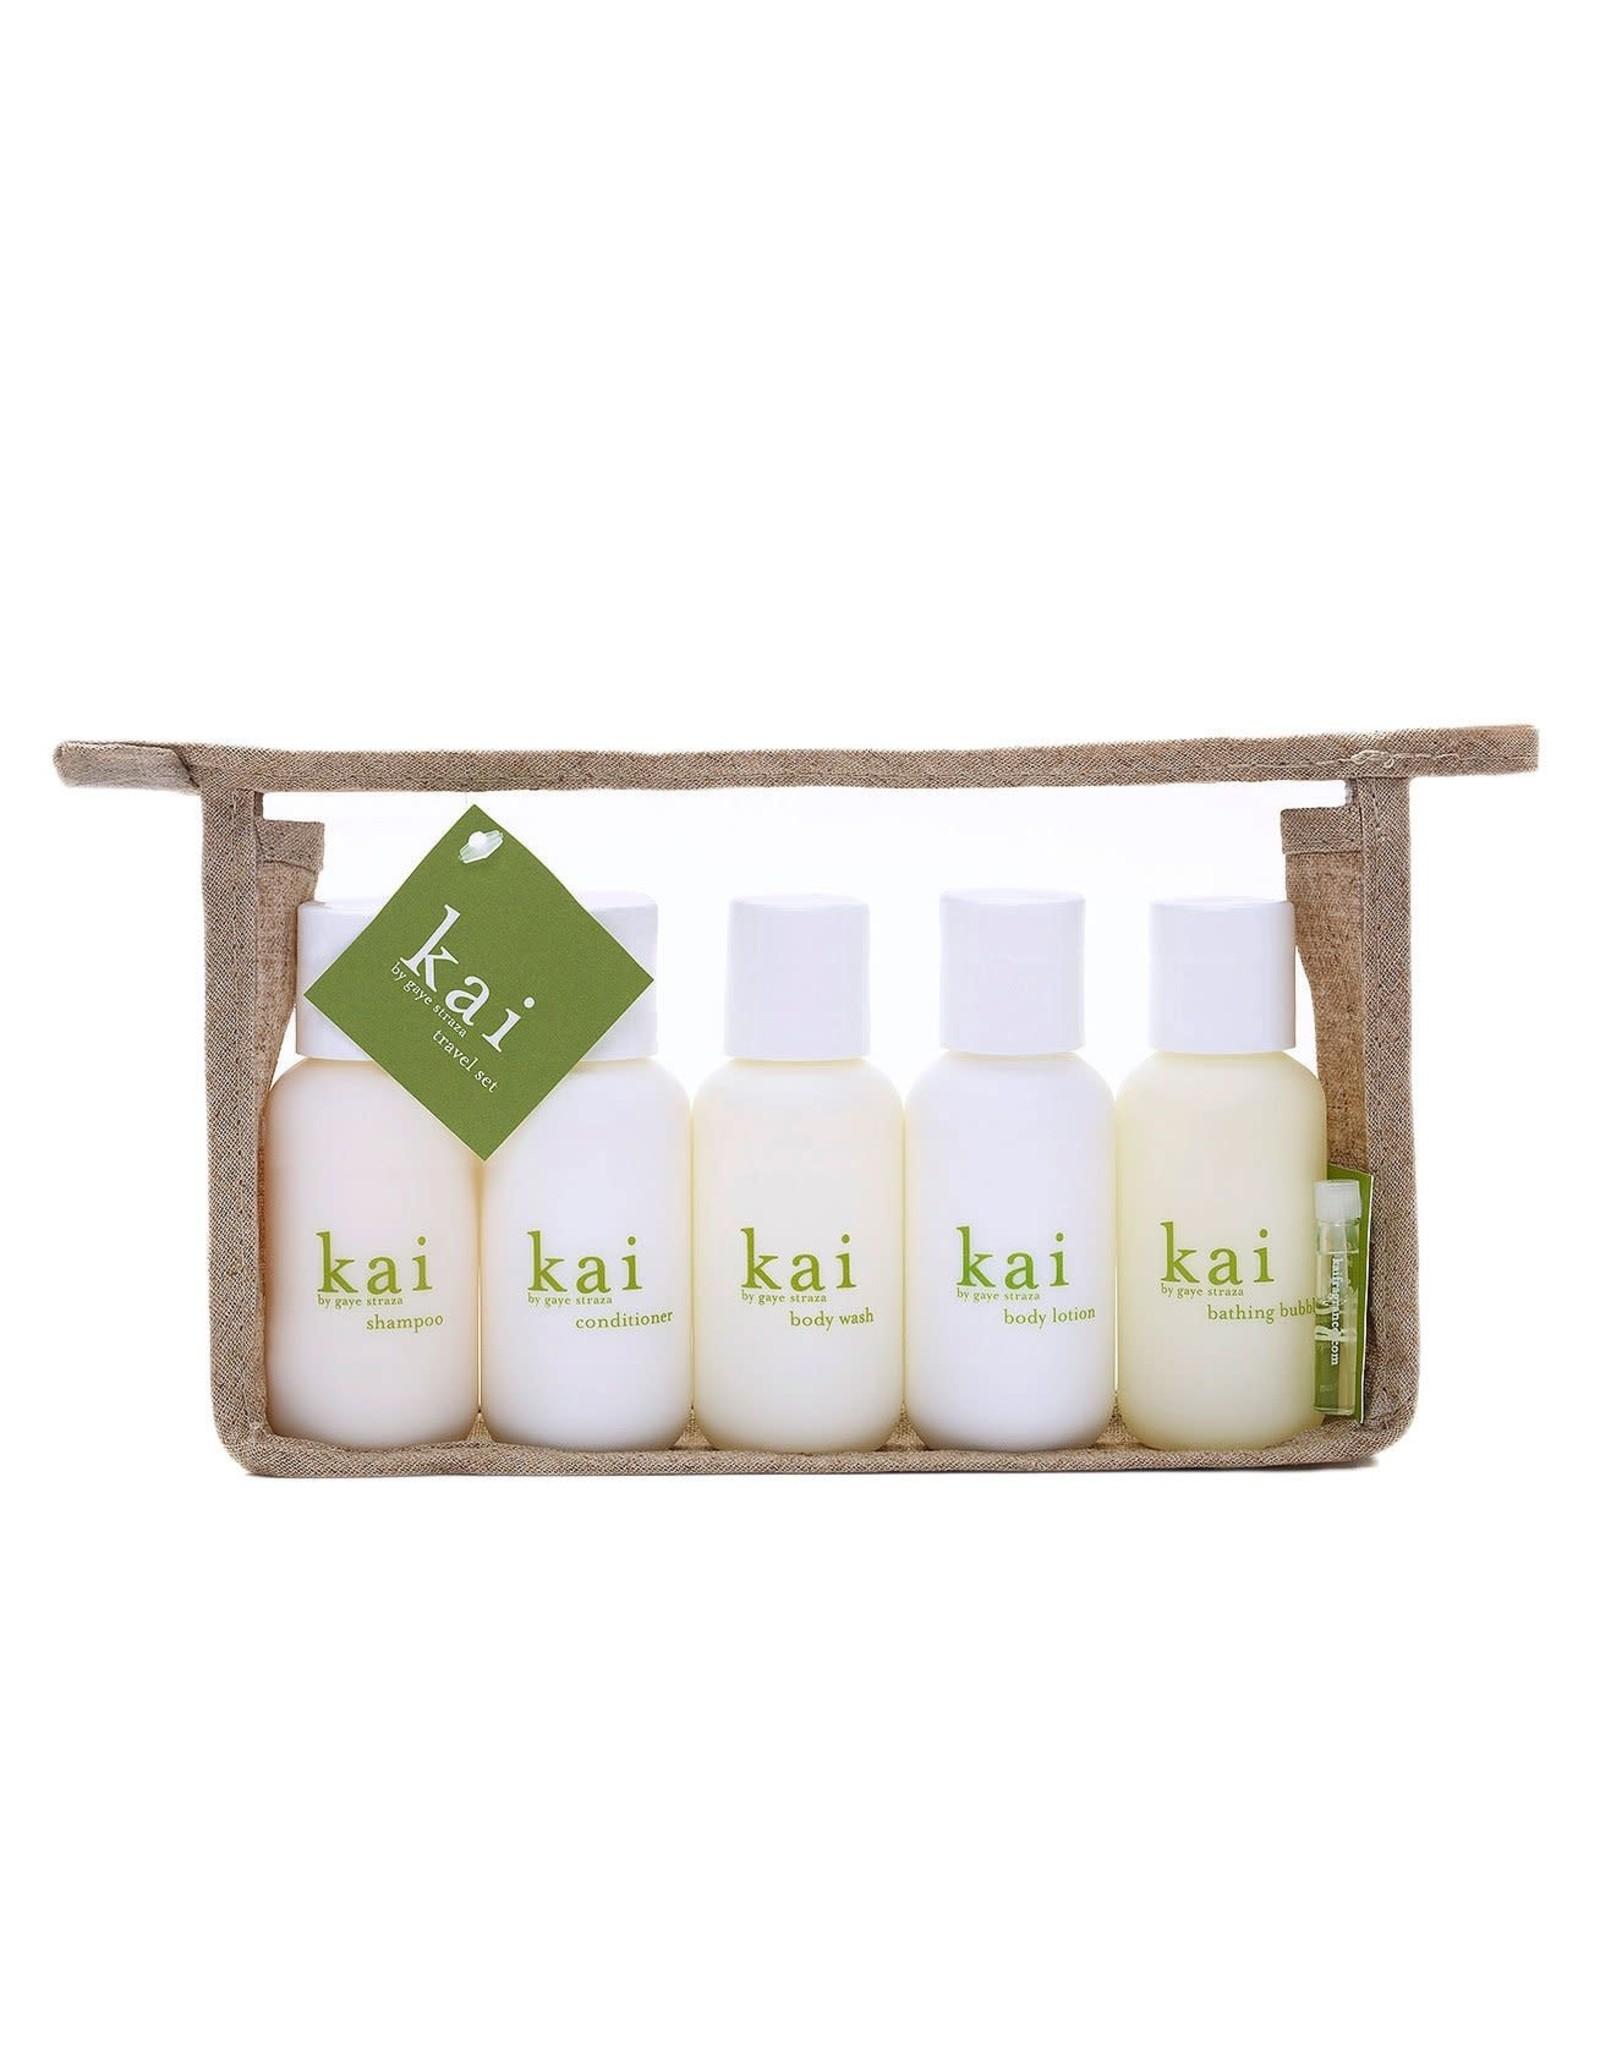 Kai Travel Set | Kai